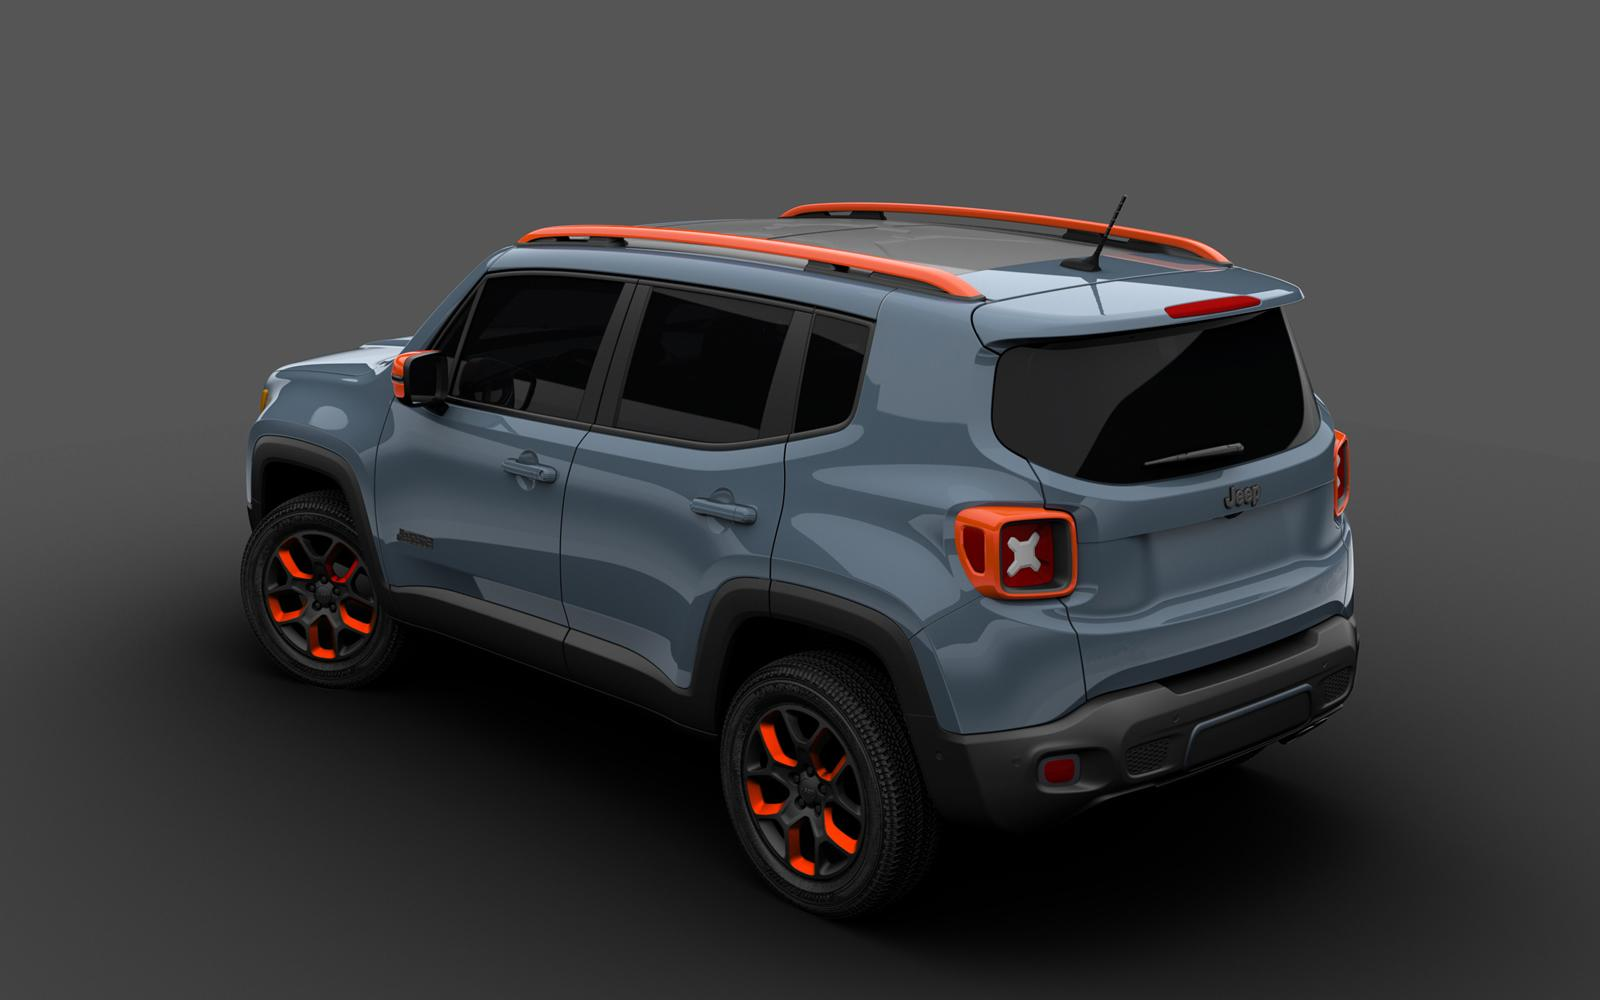 Mopar presentará en el Salón del Automóvil de Detroit dos Jeep Renegade personalizados con sus accesorios.